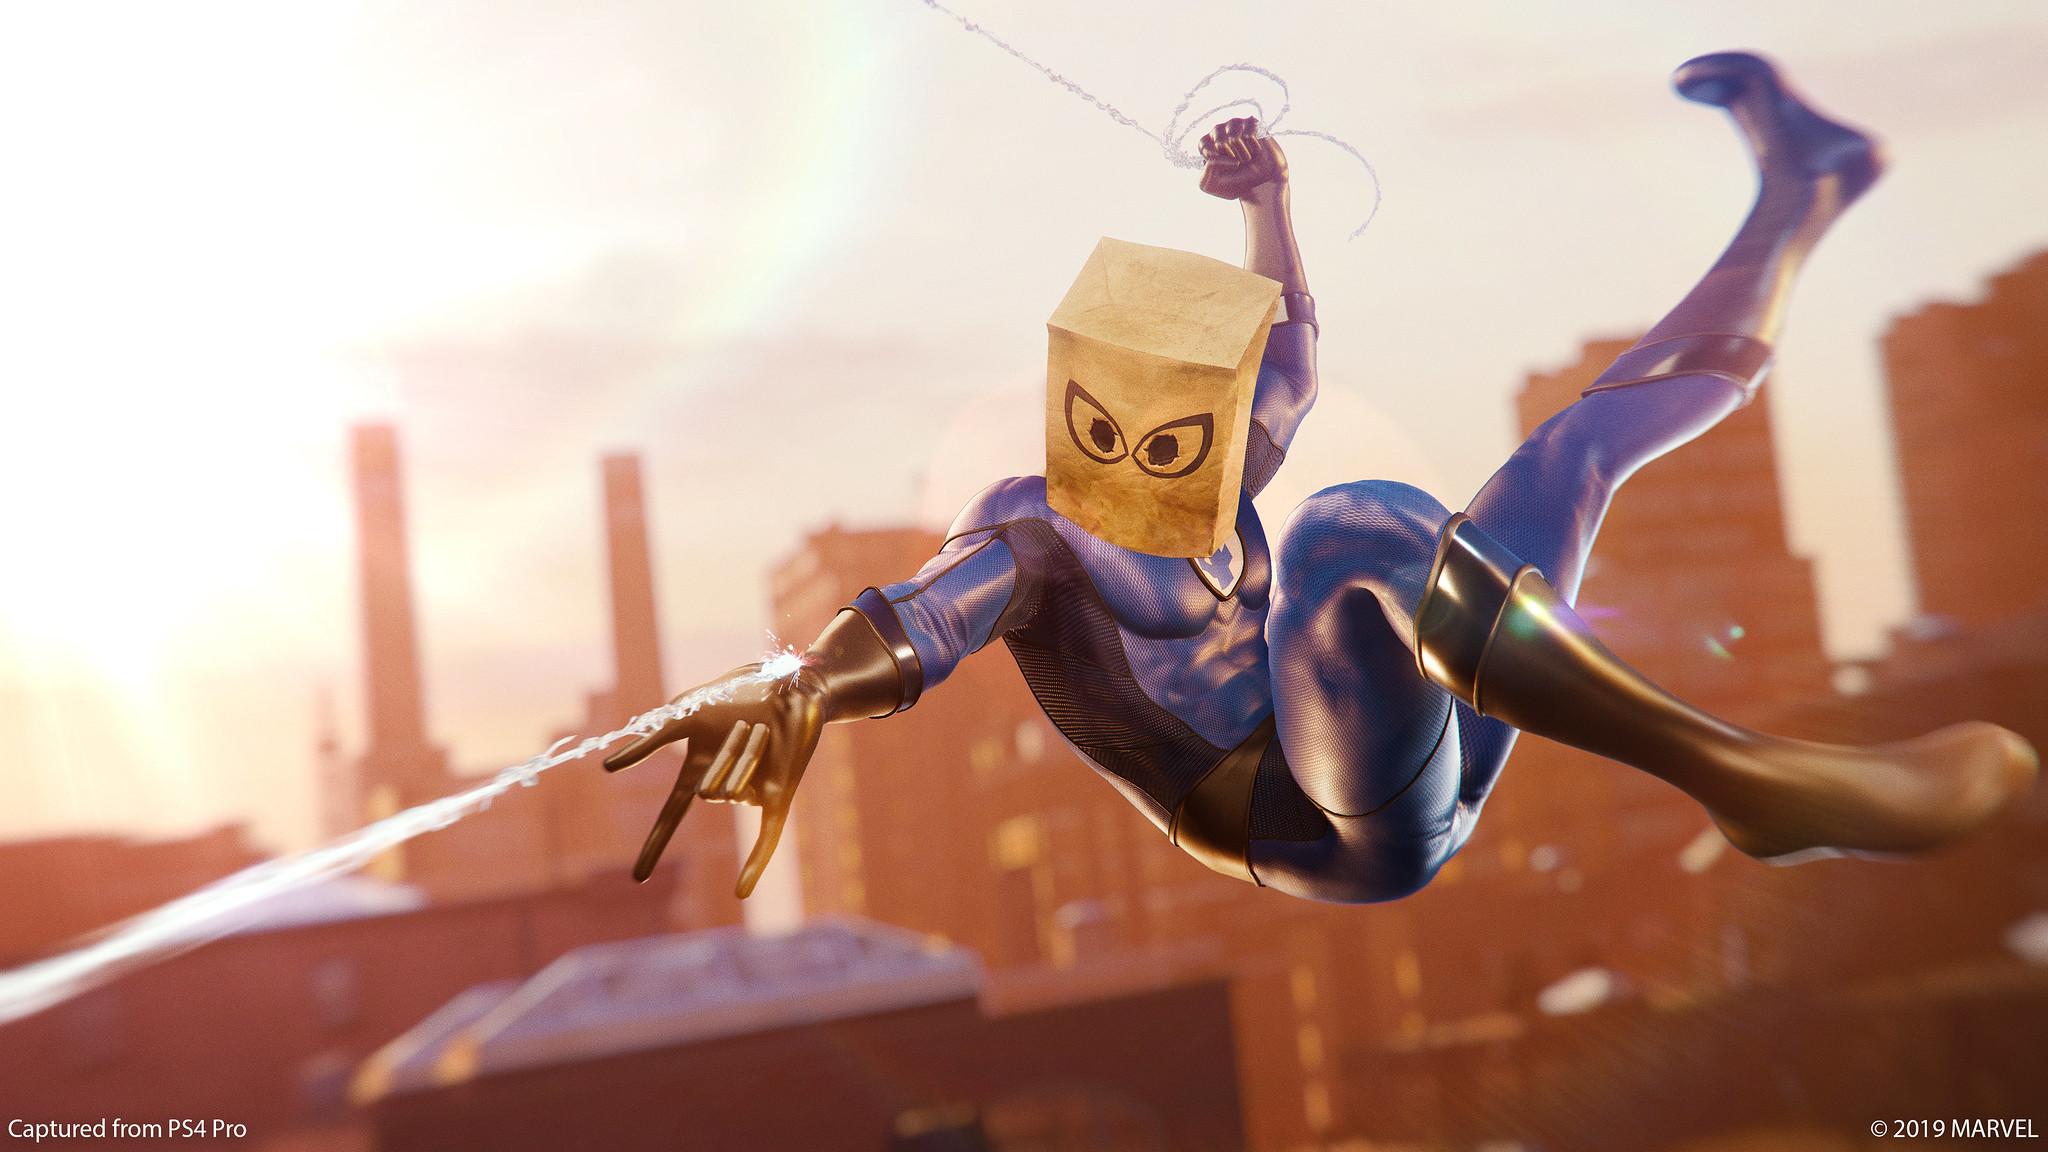 32904176438 8bdbabcb56 k - Die geheime Geschichte der Marvel's Spider-Man-Anzüge, erzählt von den Künstlern von Insomniac Games